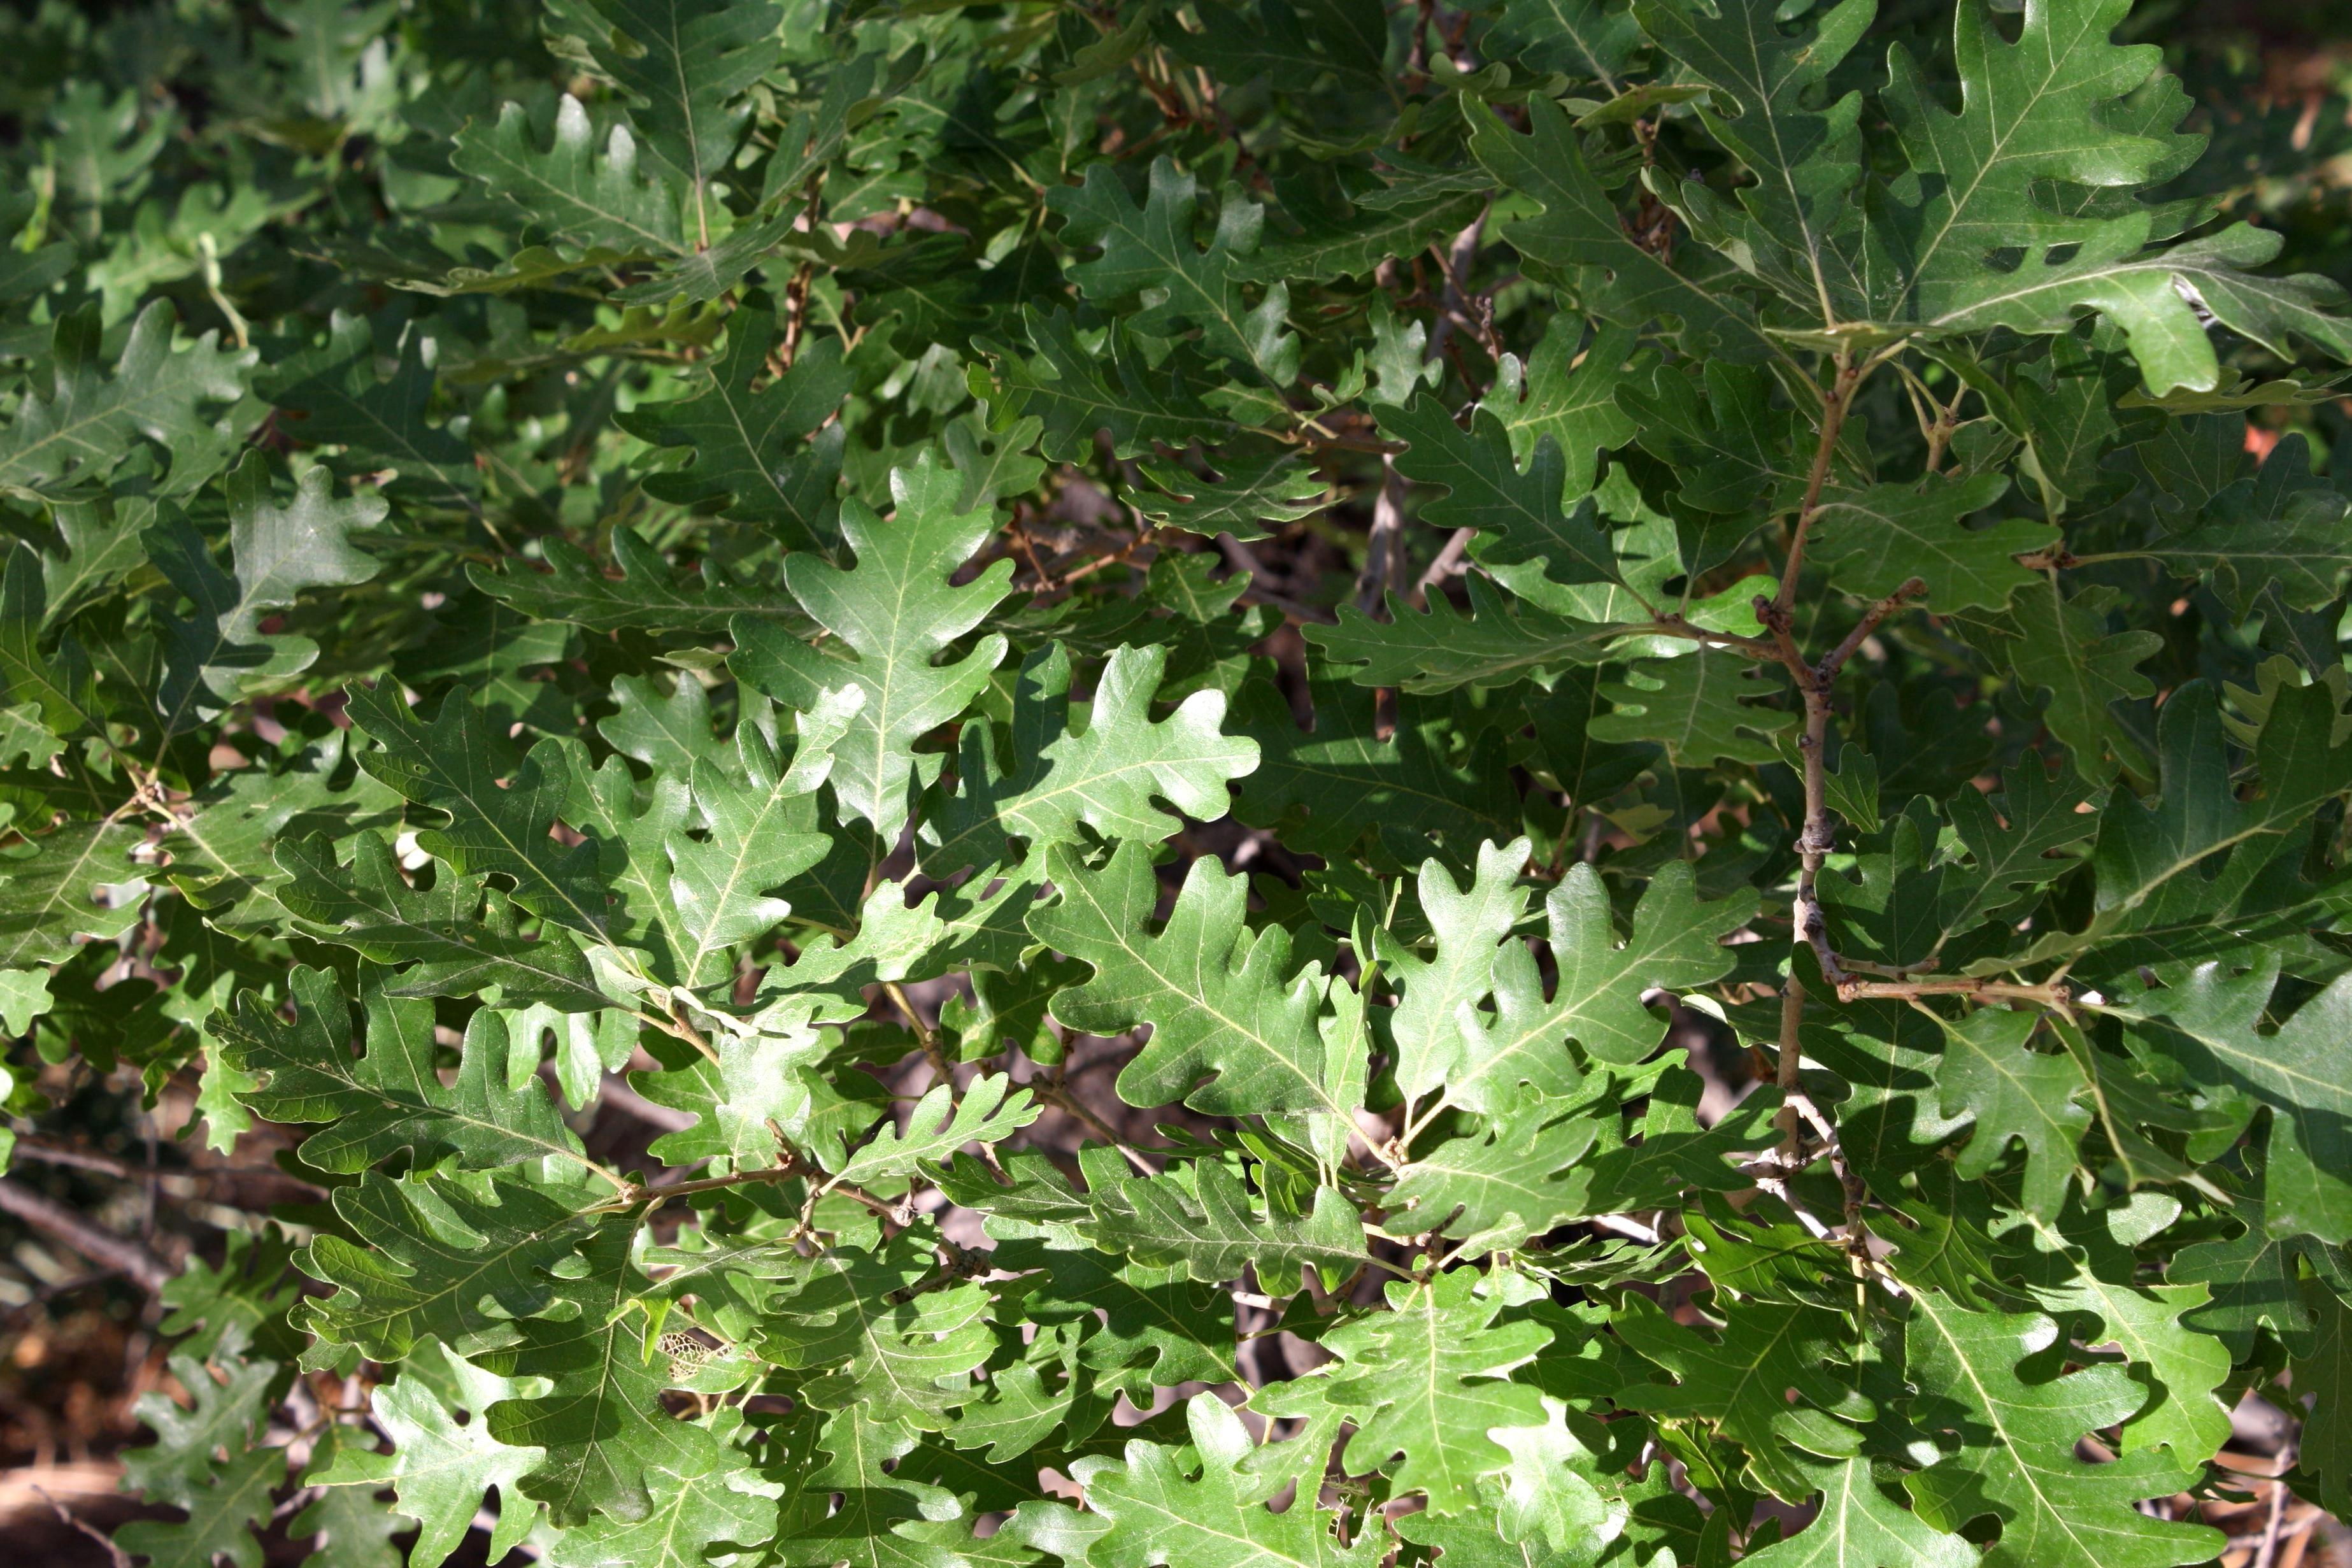 oak trees free images public domain images